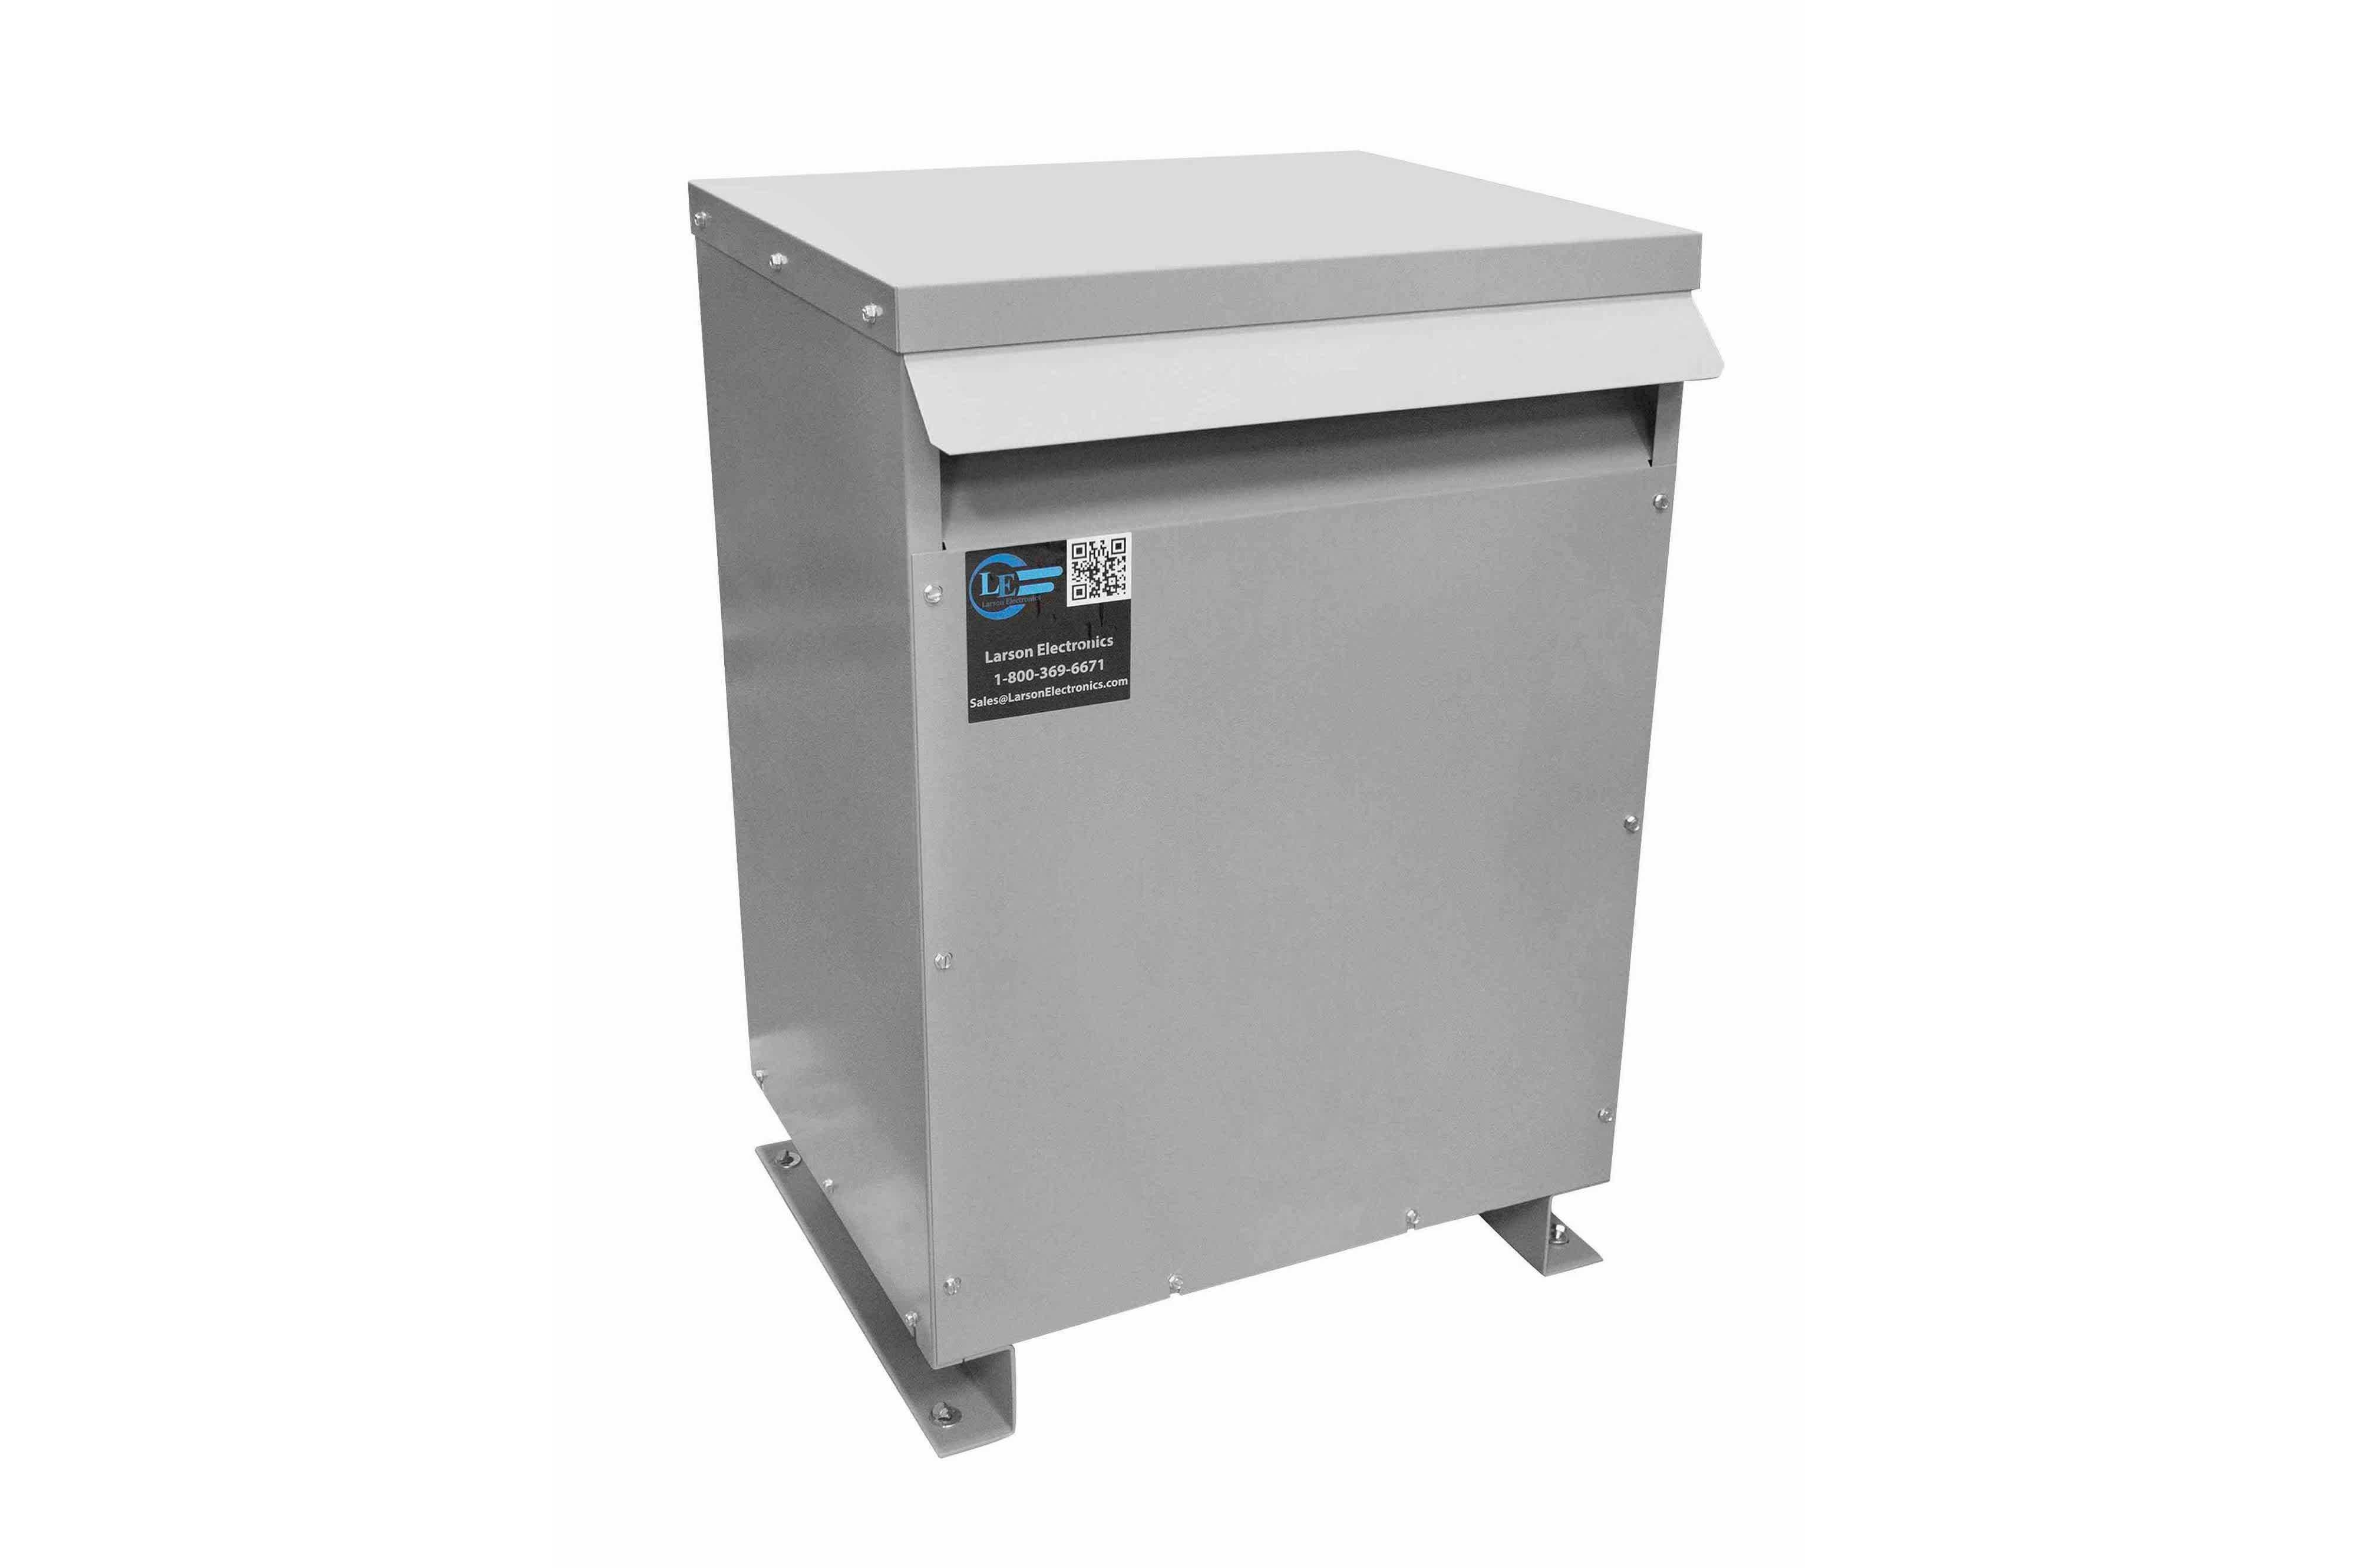 36 kVA 3PH Isolation Transformer, 575V Delta Primary, 400V Delta Secondary, N3R, Ventilated, 60 Hz